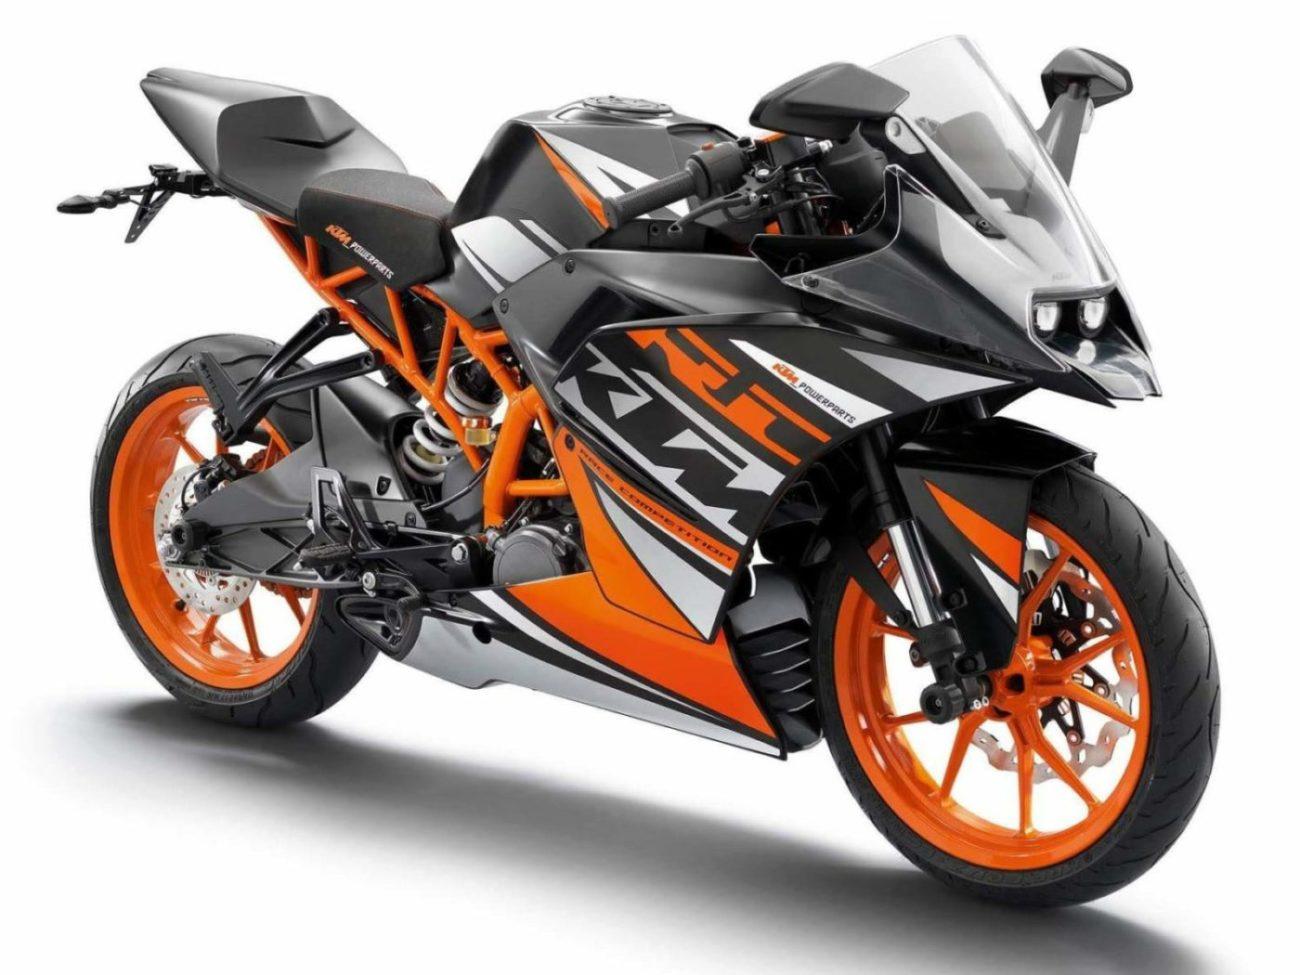 Ktm duke 125 price in india 2020